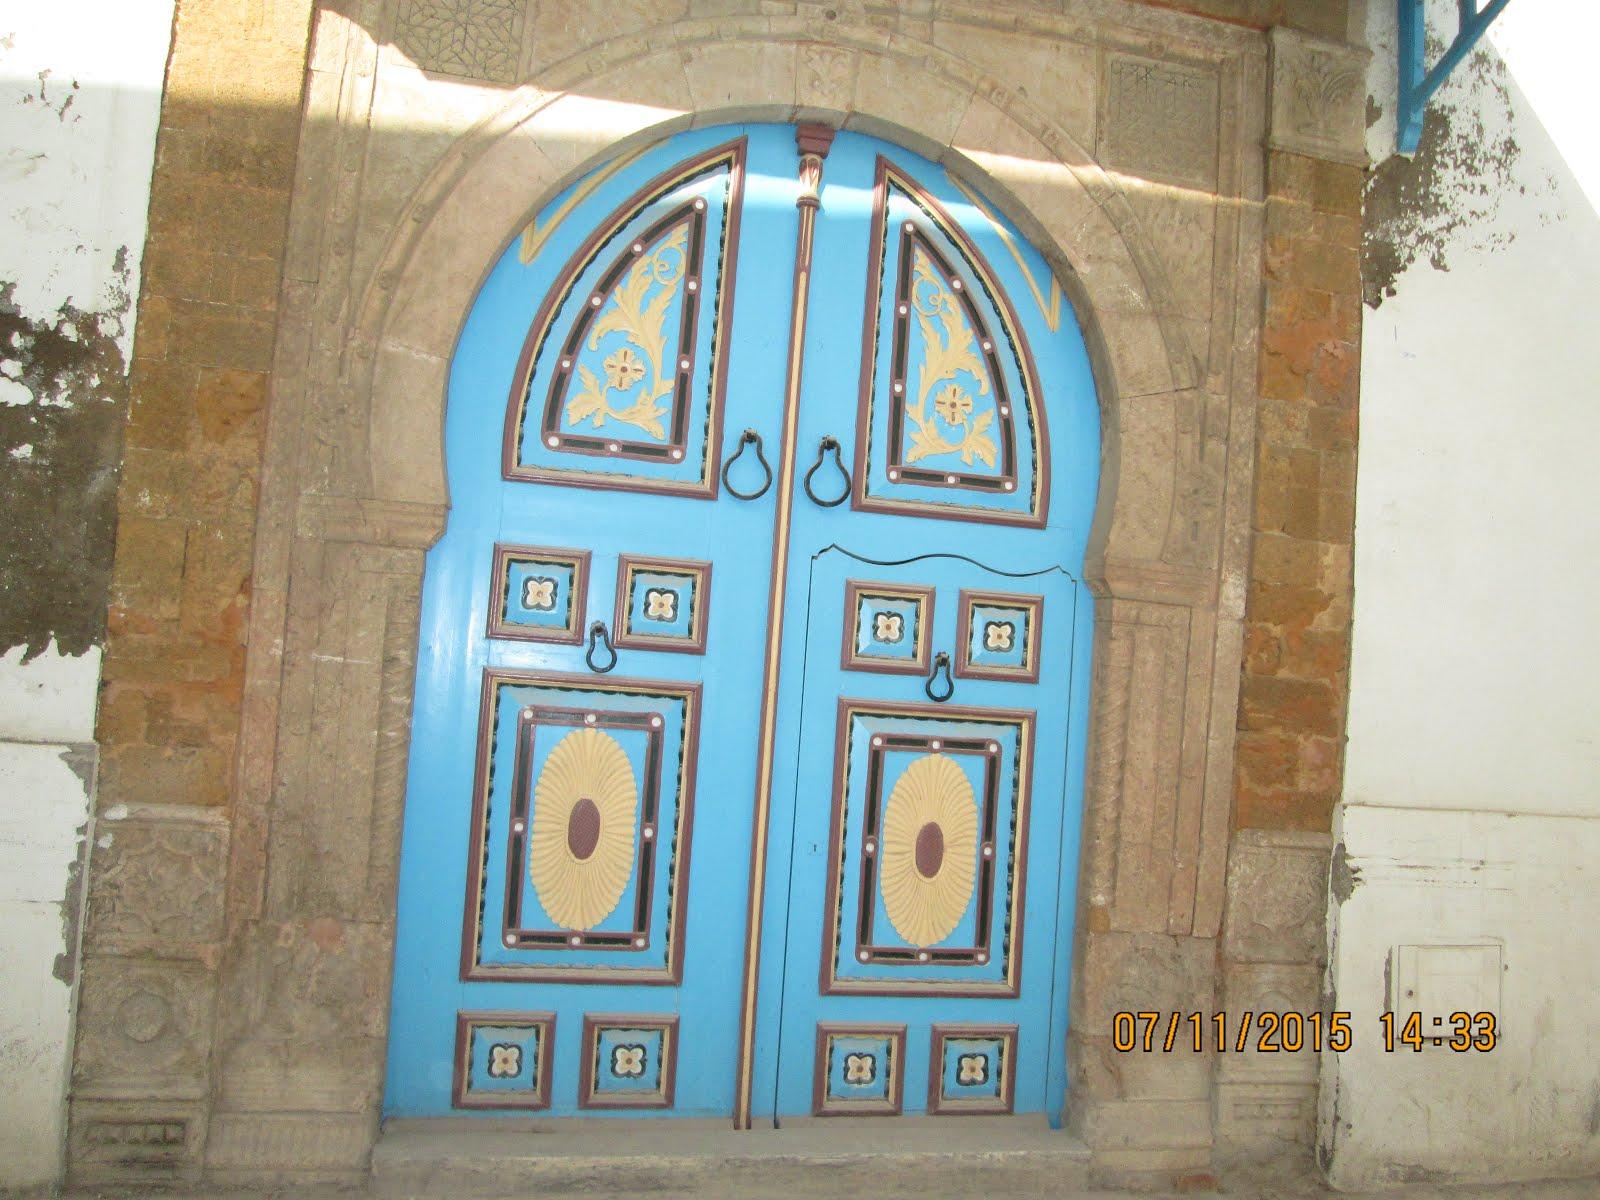 مِنْ أبواب المدينة العتيقة: تونس العاصمة.